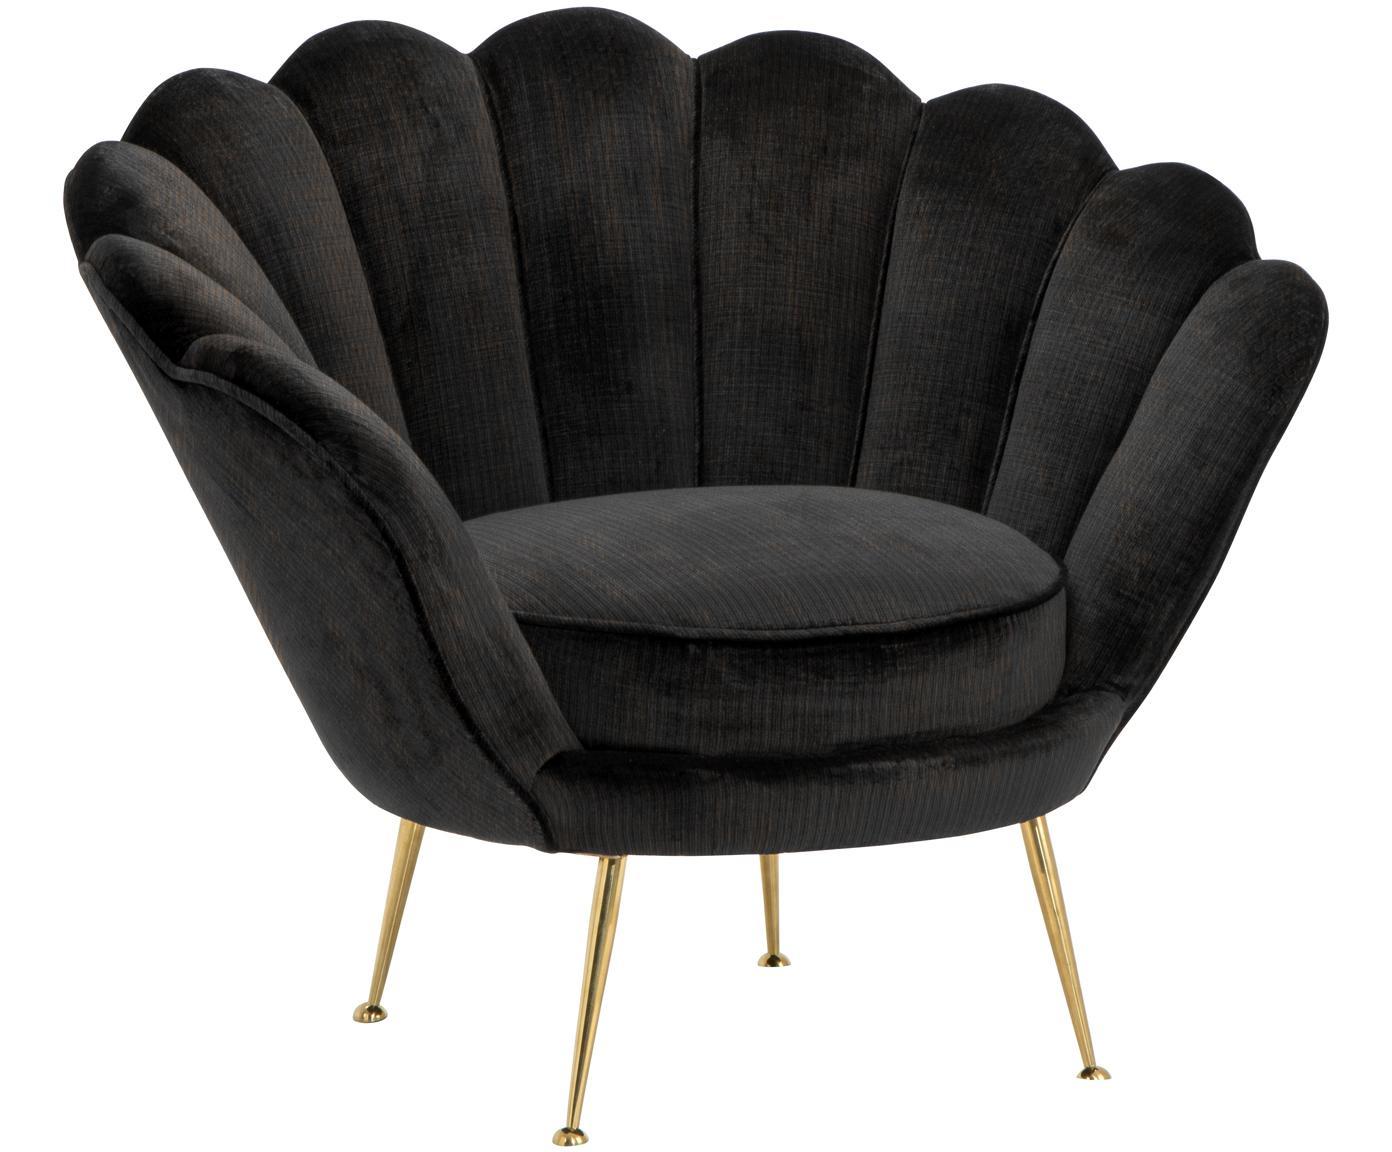 Fotel z aksamitu Trapezium, Tapicerka: 70% wiskoza, 30% polieste, Nogi: metal powlekany, Czarny, mosiądz, S 97 x G 79 cm